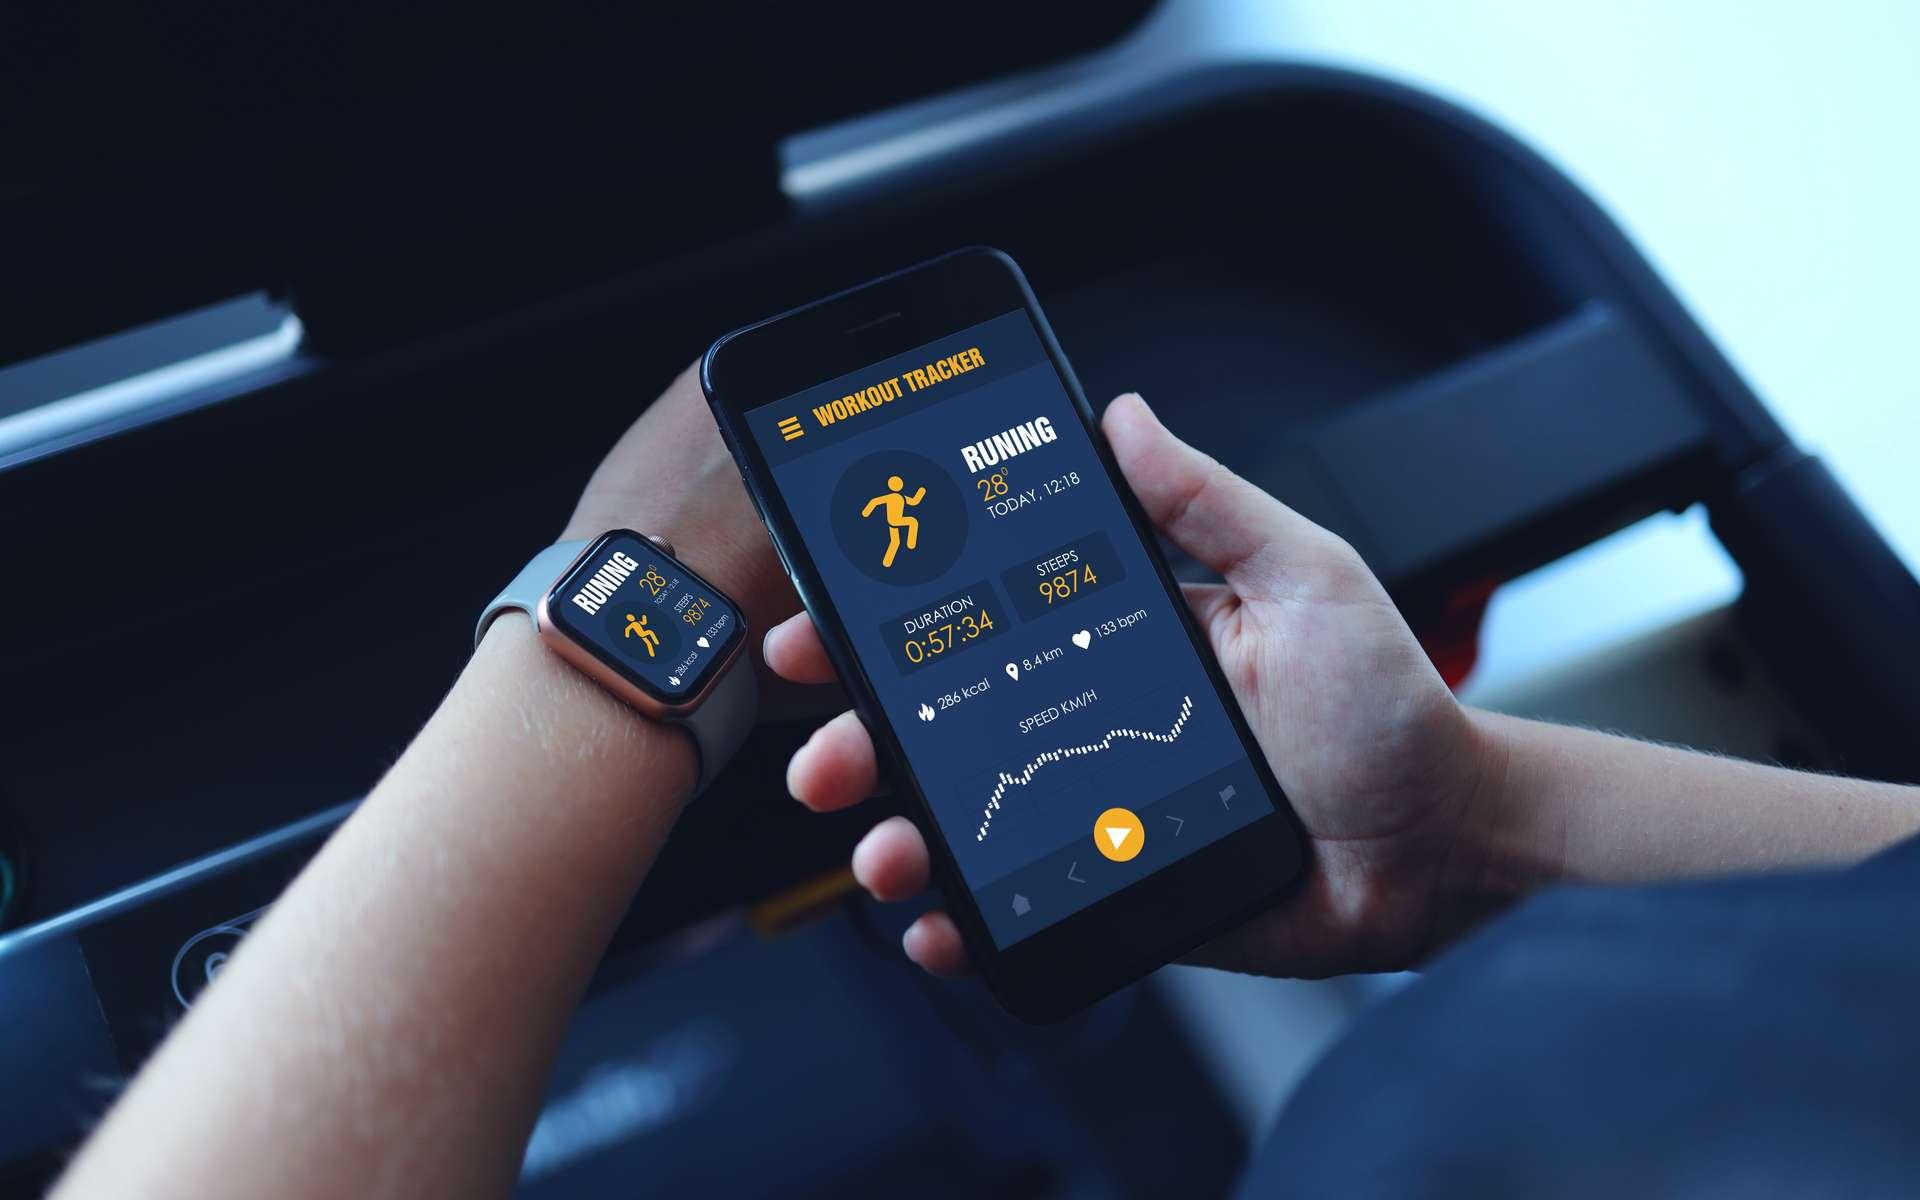 Une smartwtach doit être appairée à son smartphone pour pouvoir fonctionner. © shine.graphics, Adobe Stock